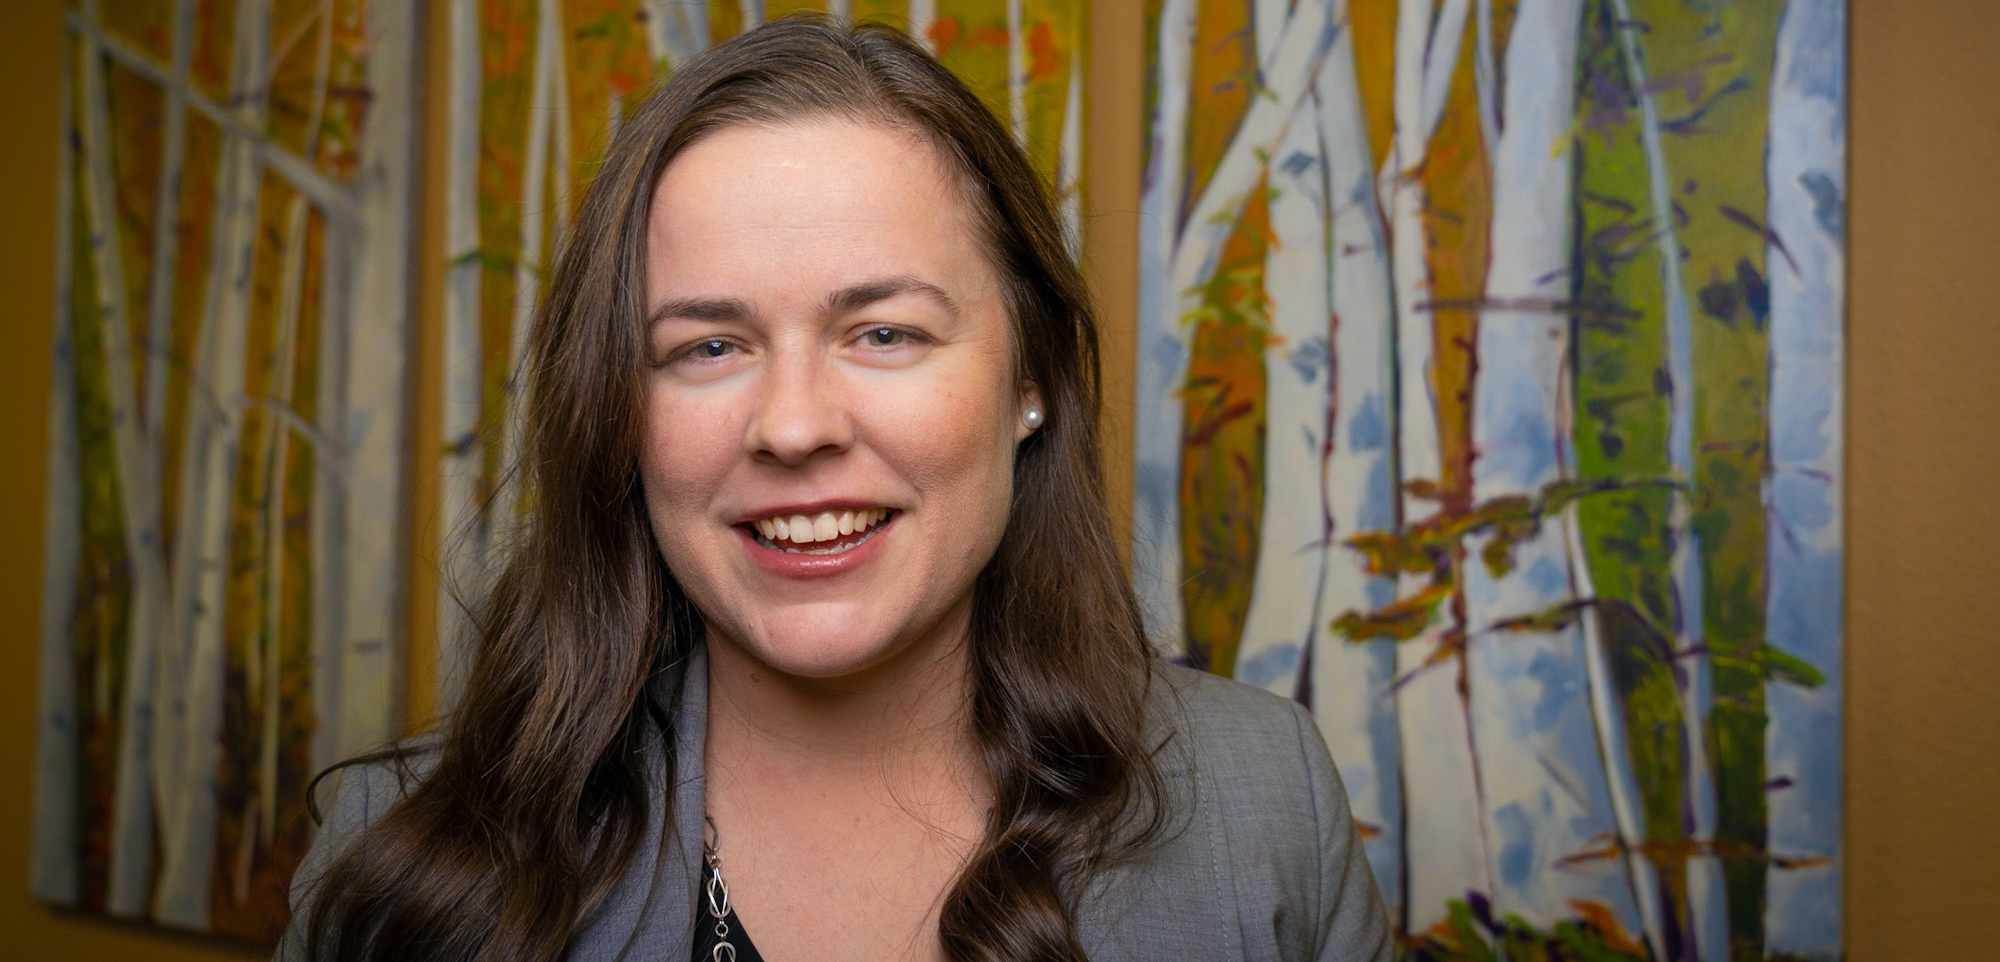 Sarah Jordan from Sarah Jordan Law Firm